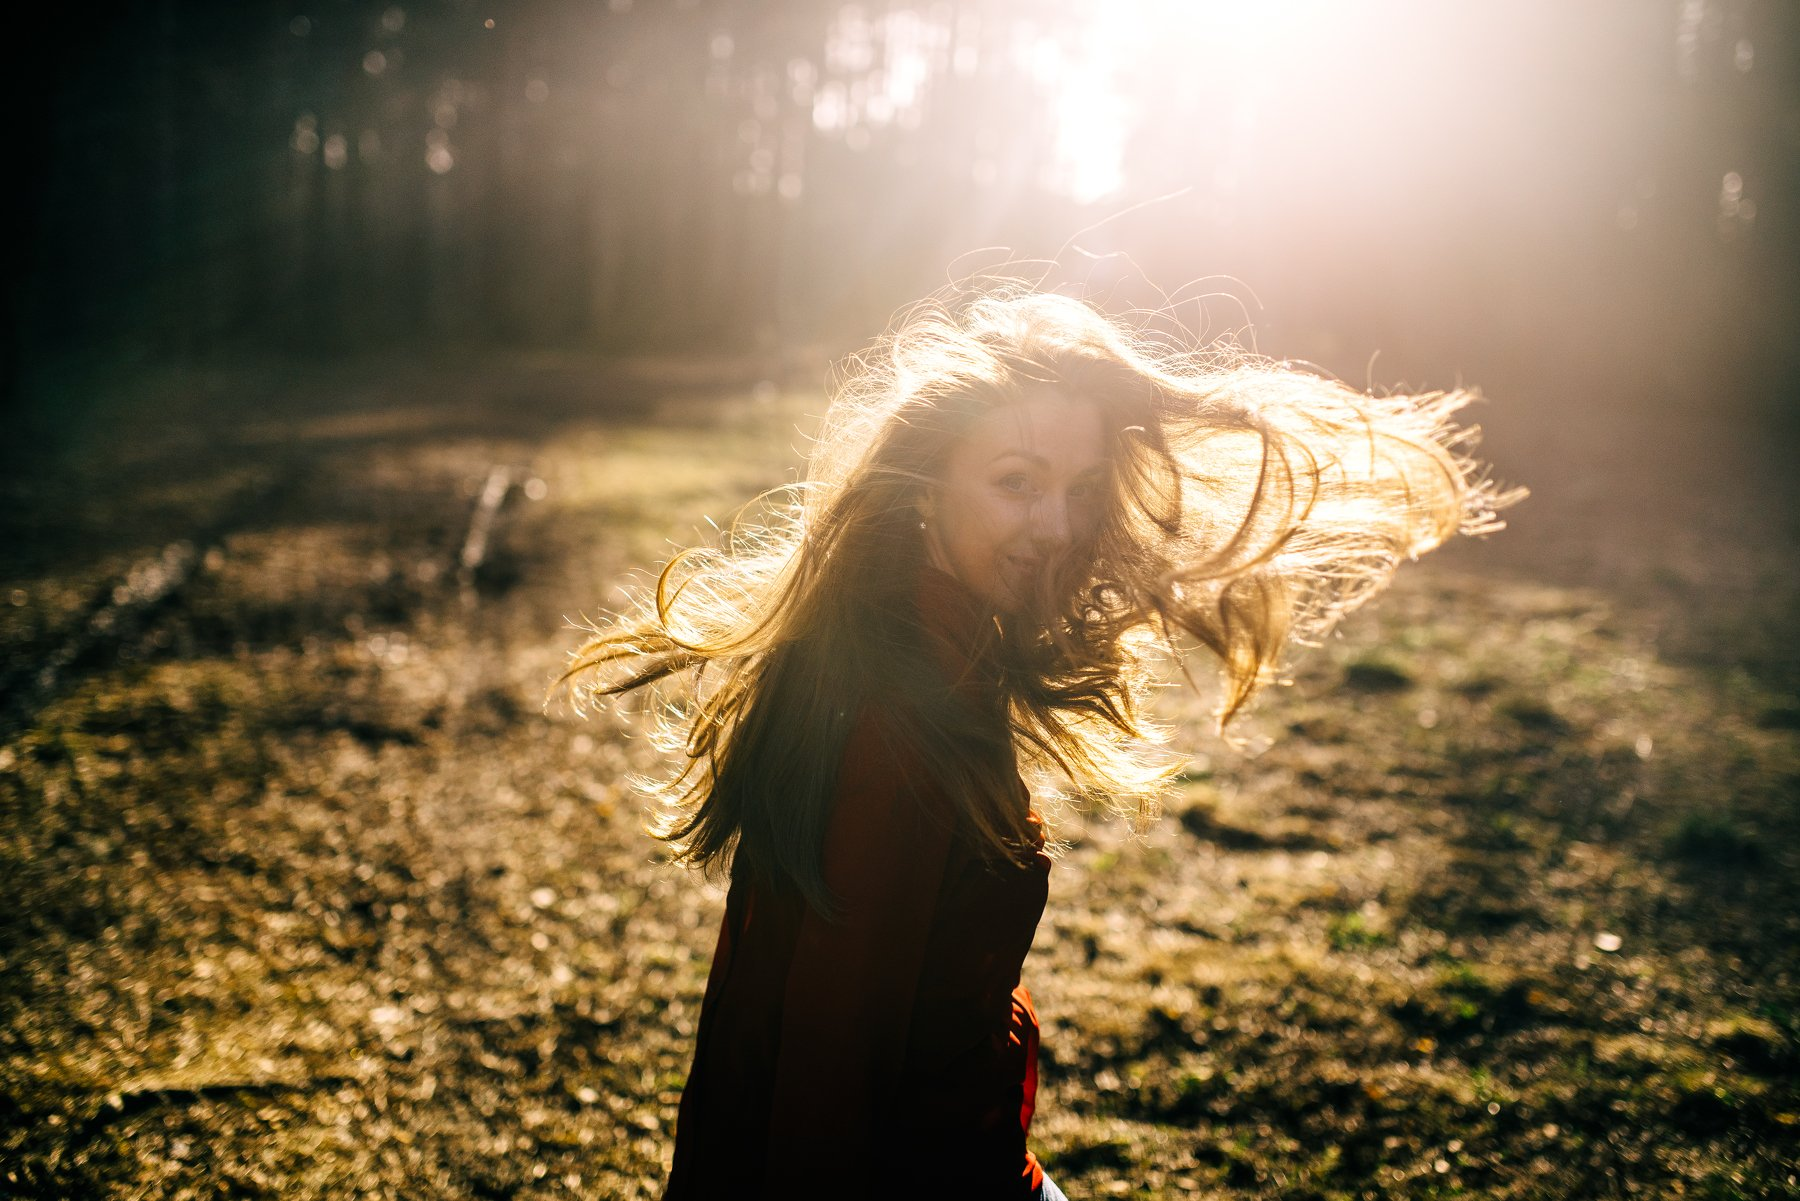 весна, солнце, волосы, ветер, лес, парк, природа, Kirill